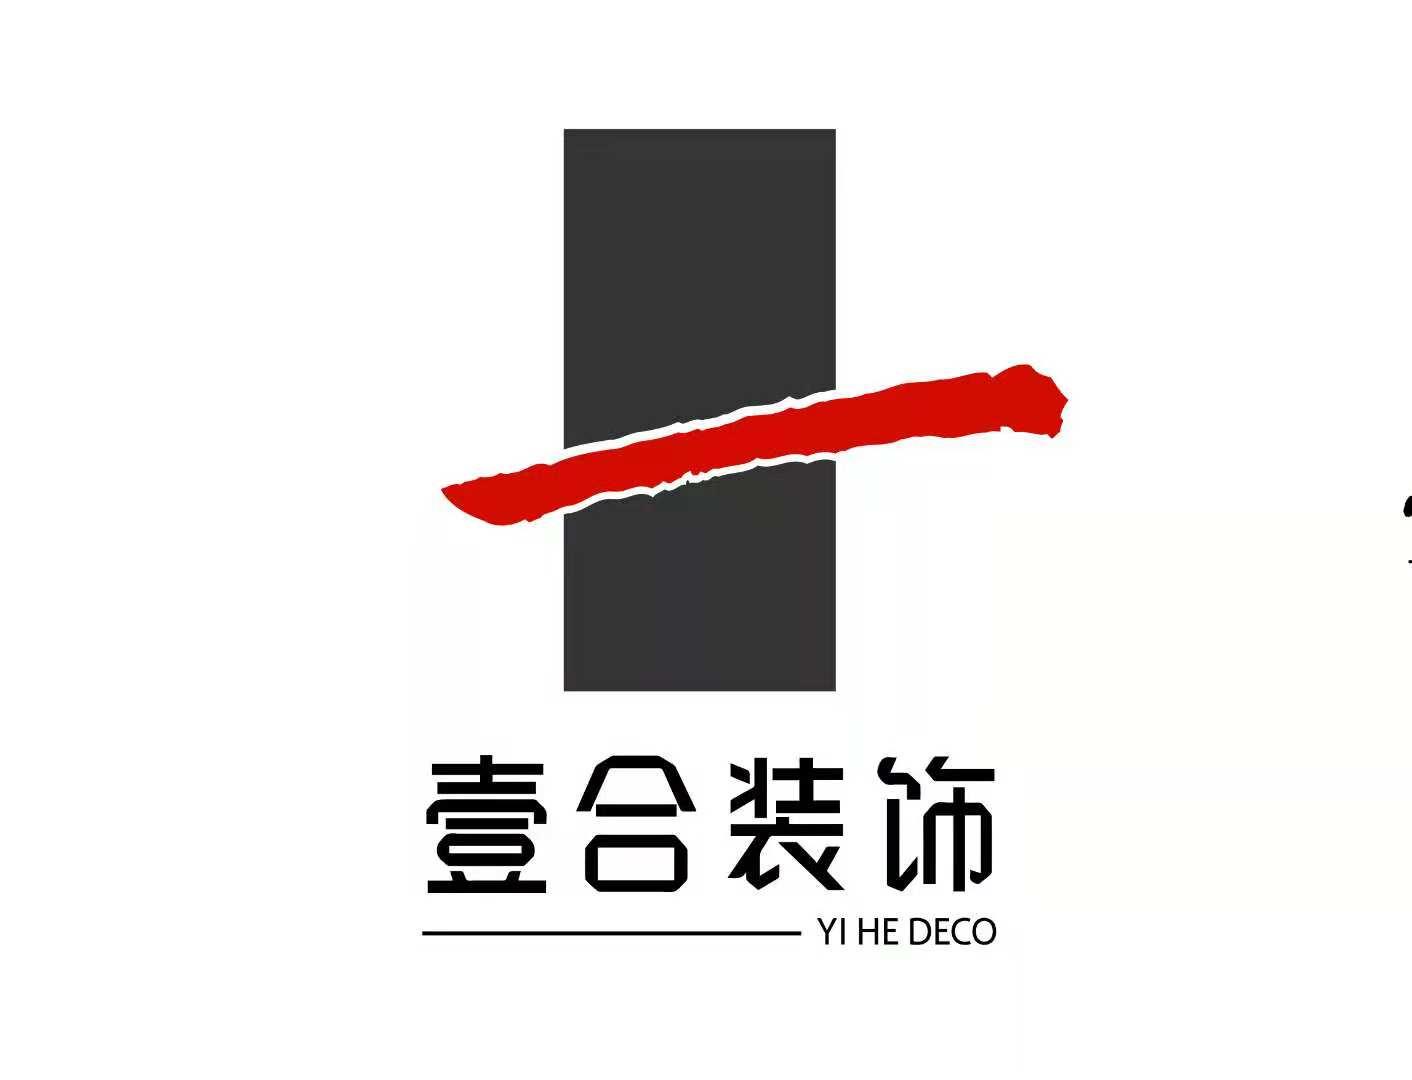 山东一合建筑装饰工程有限公司